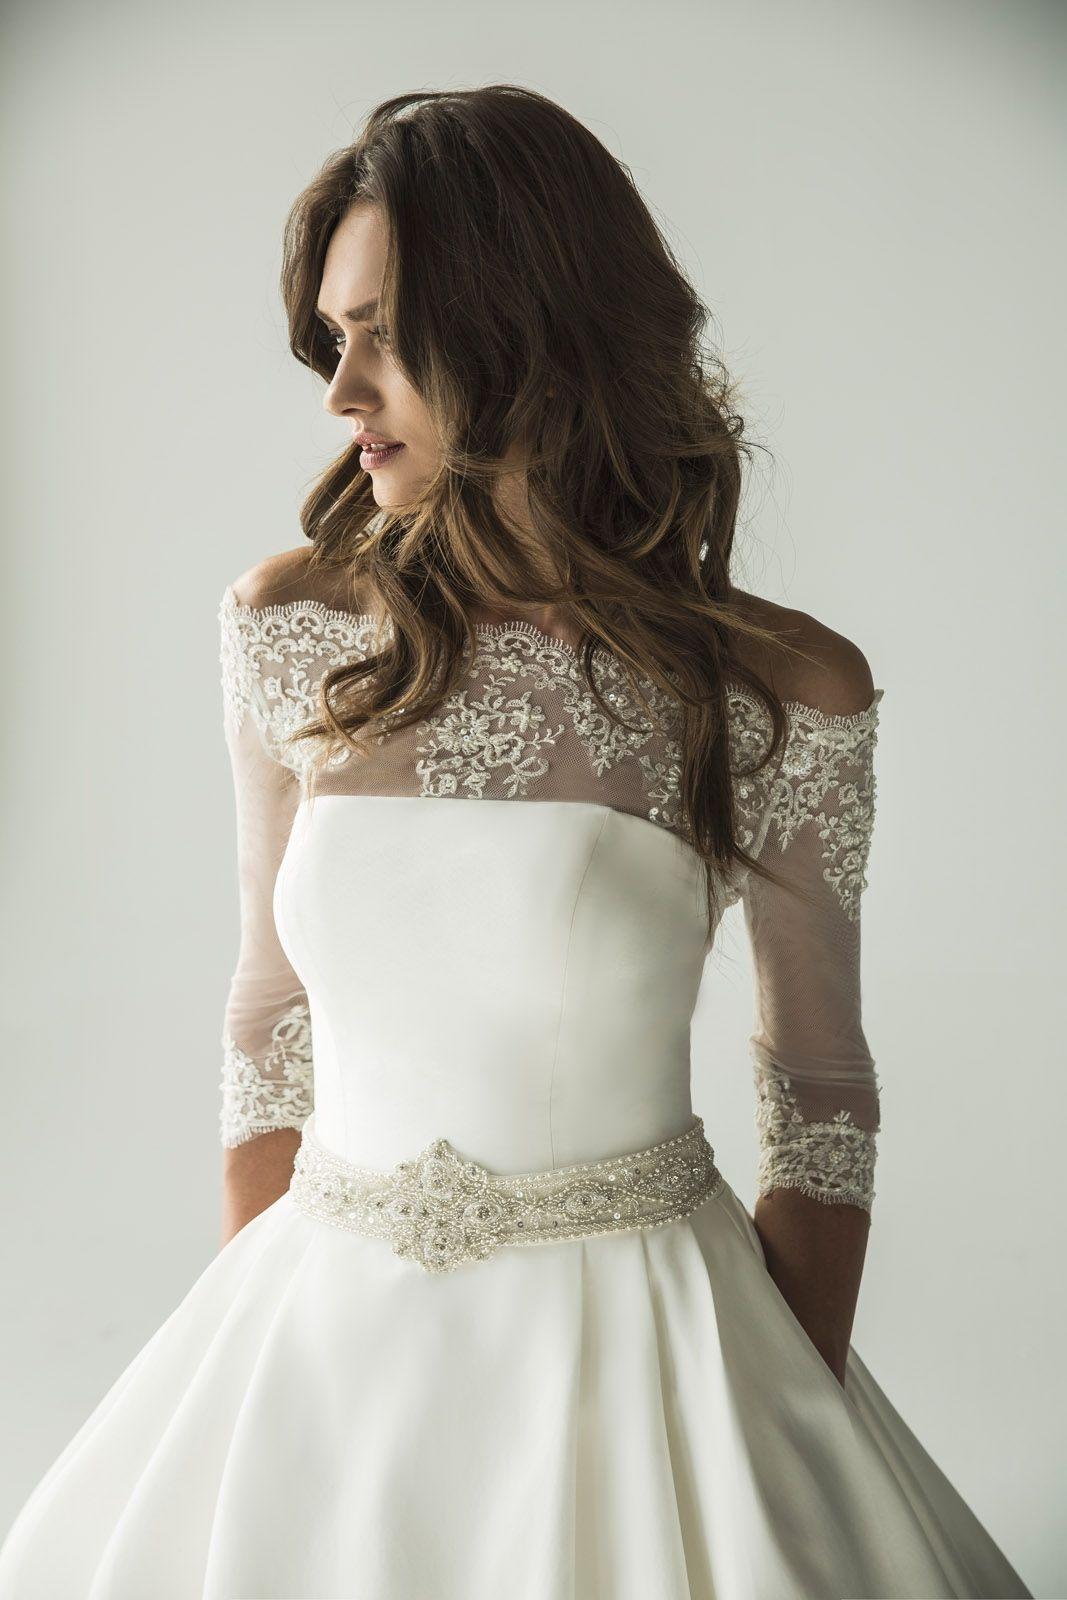 ebd22c6e7387 P Girasol (Vestido de Novia). Diseñador: Penhalta. ... | Wedding ...